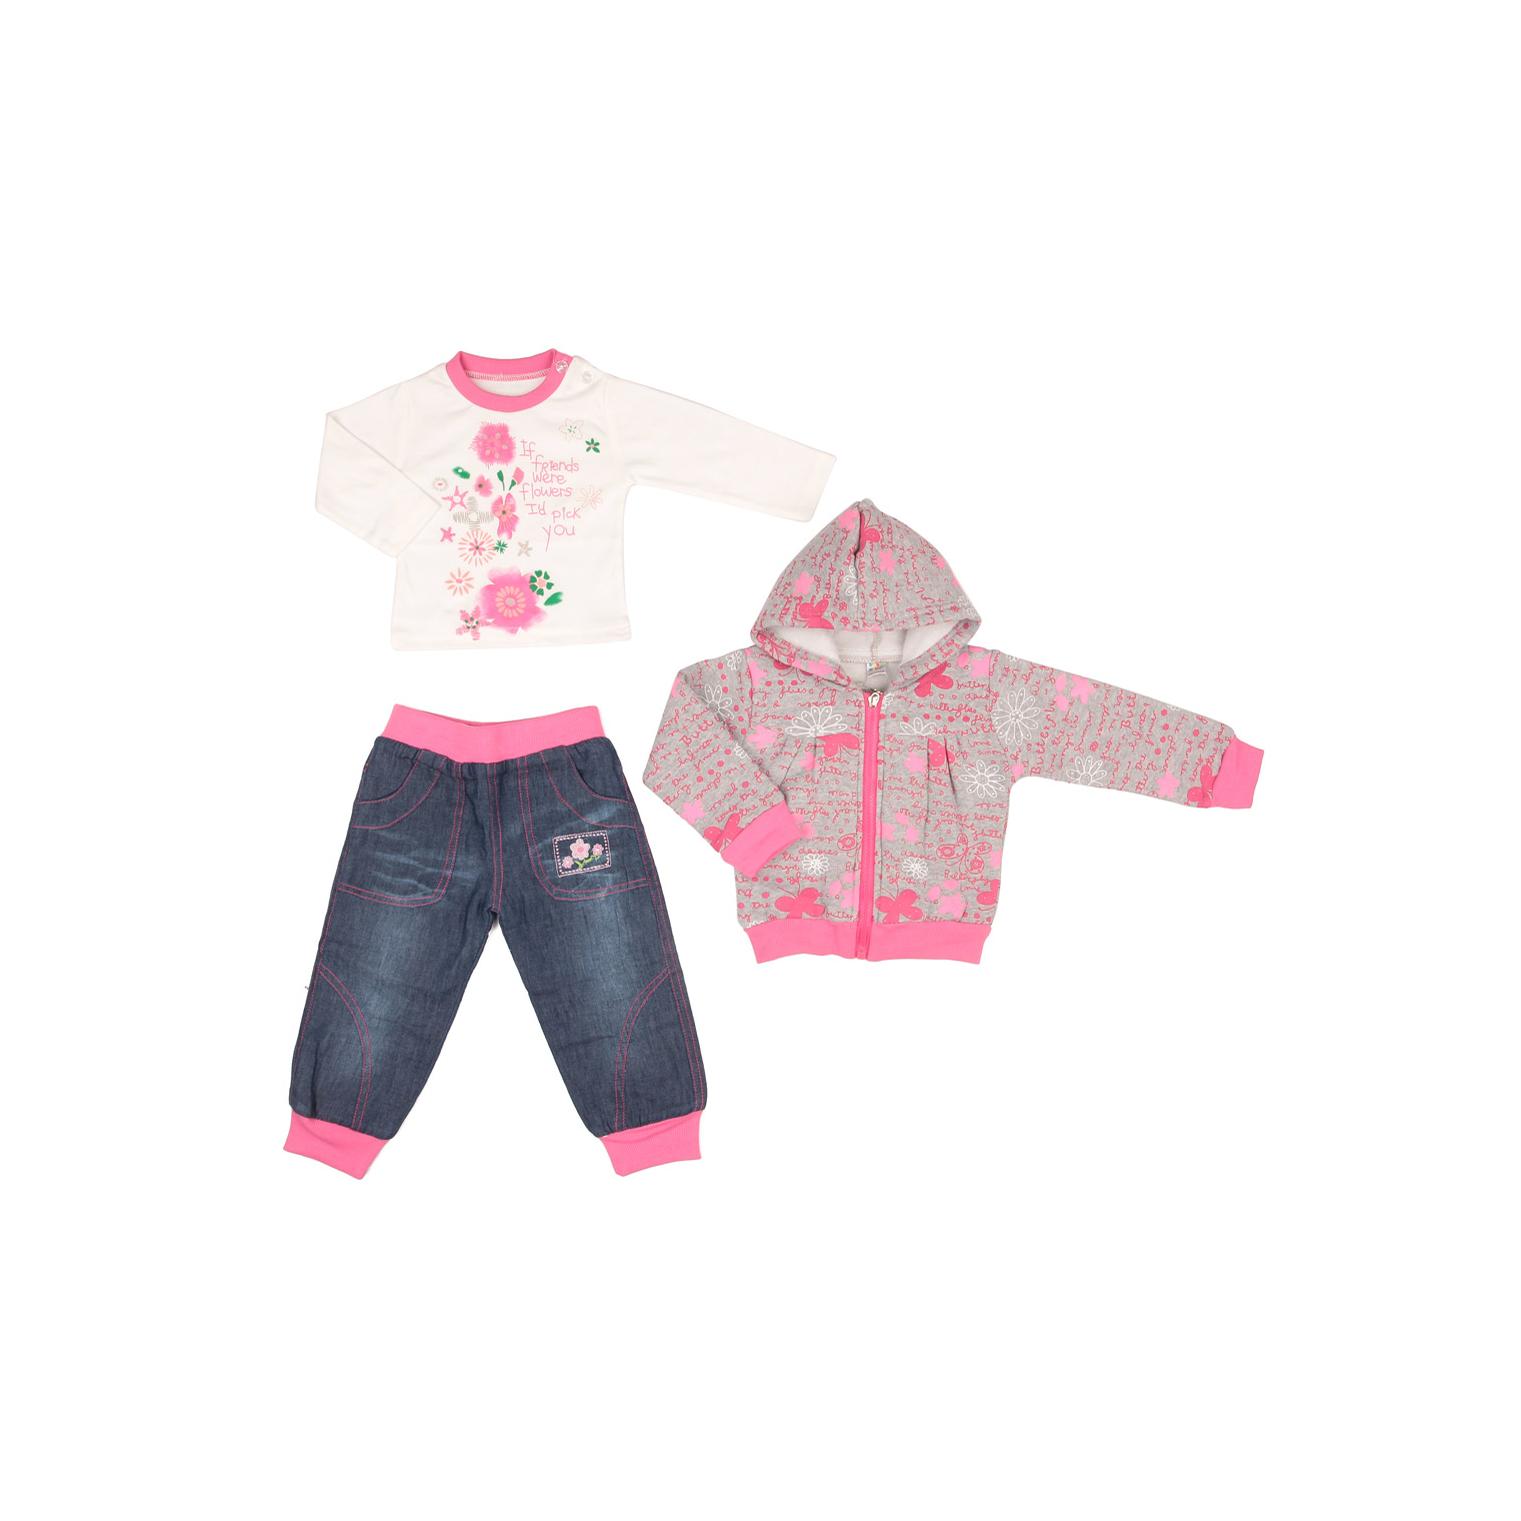 Комплект Bony Kids 3 в 1 (брюки+кофта+джемпер) цвет - Белый Размер 80